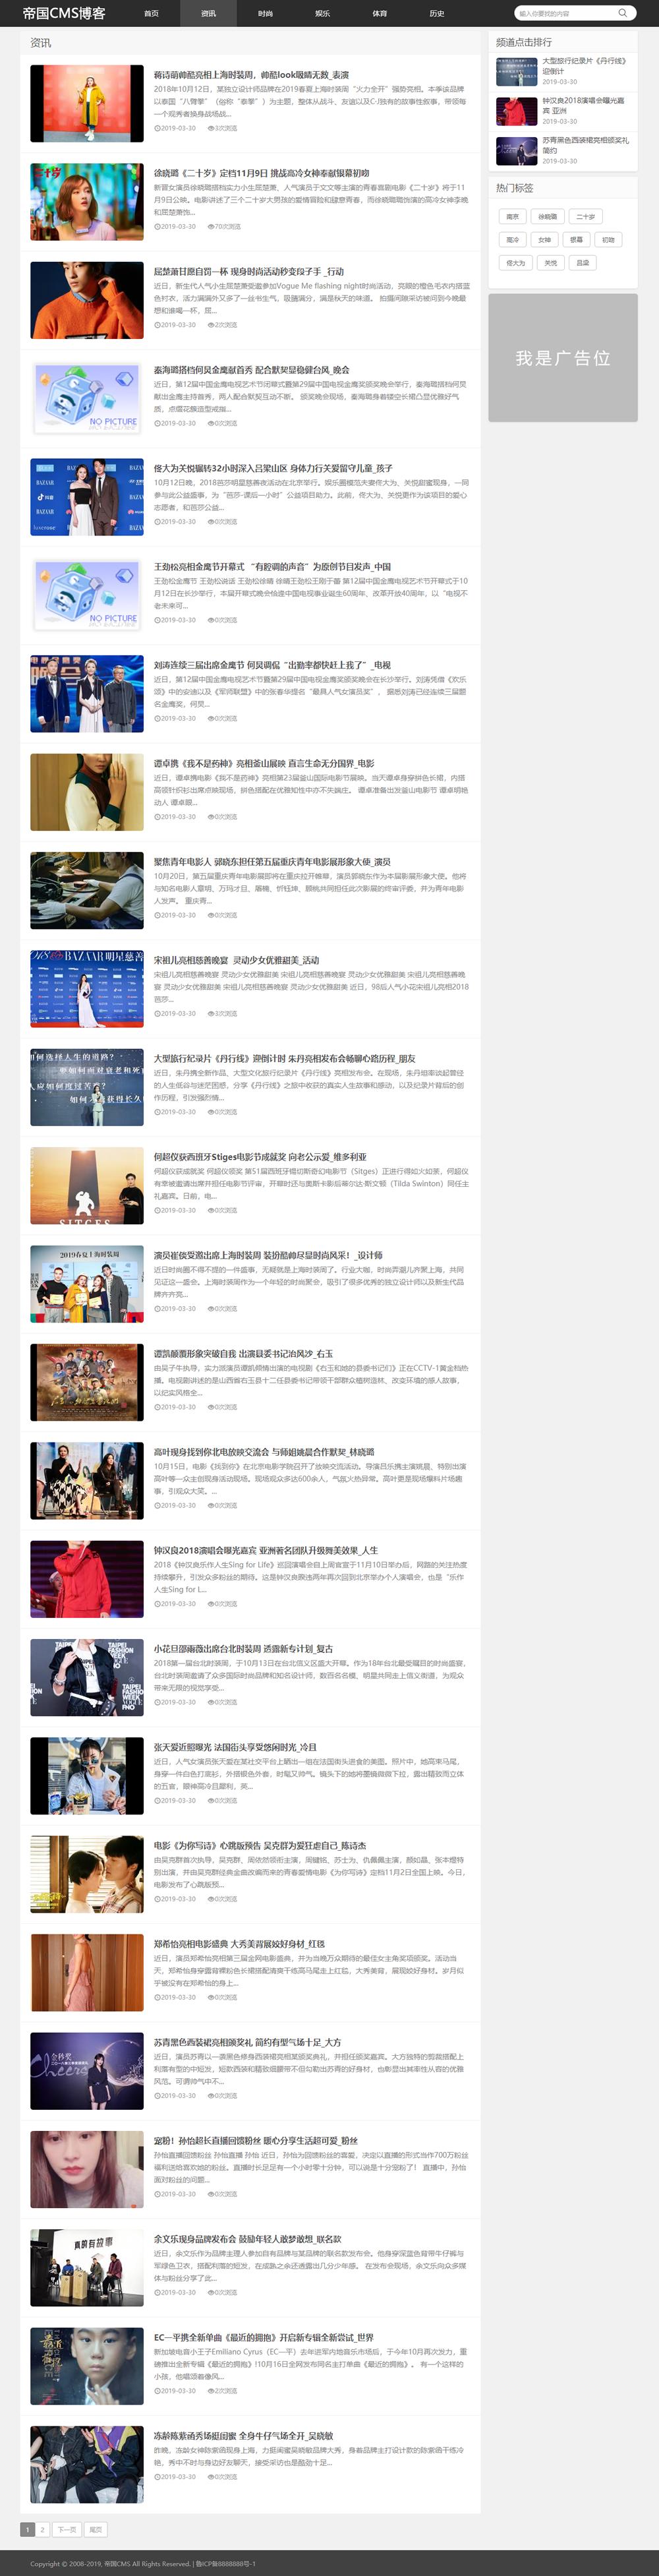 帝国博客模板之响应式自适应网站模板_列表